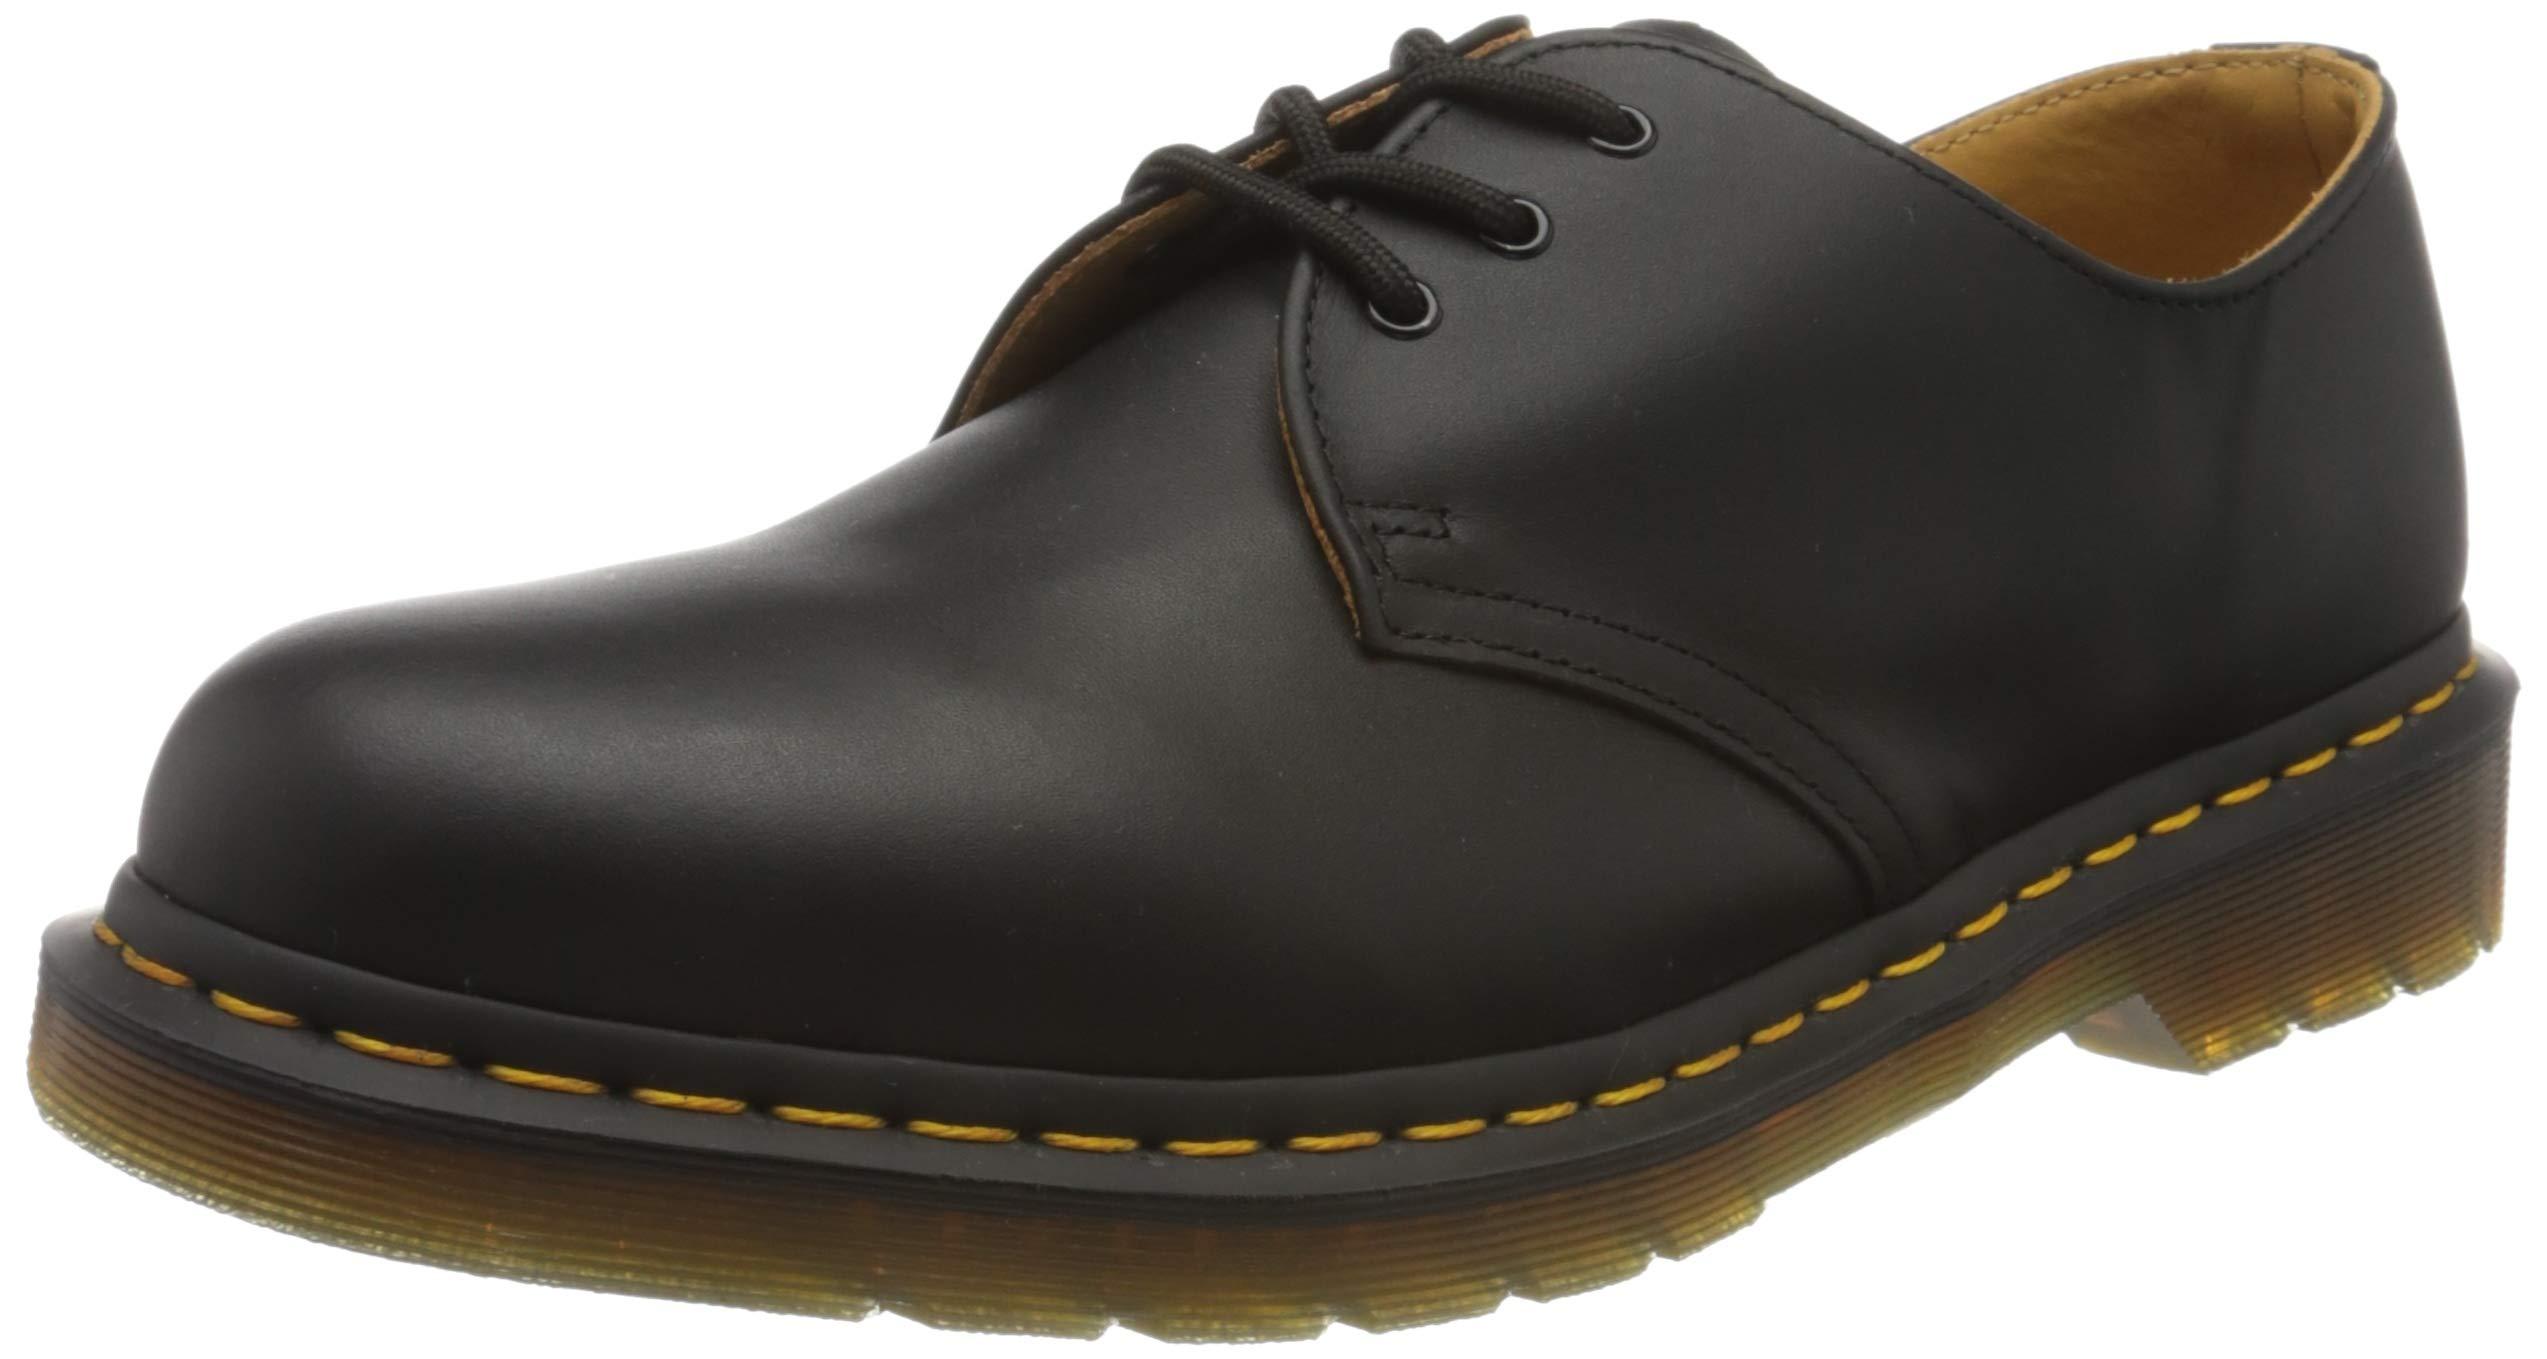 Dr. Martens - 1461 zapato Oxford de cuero de 3 ojos para hombres y mujeres